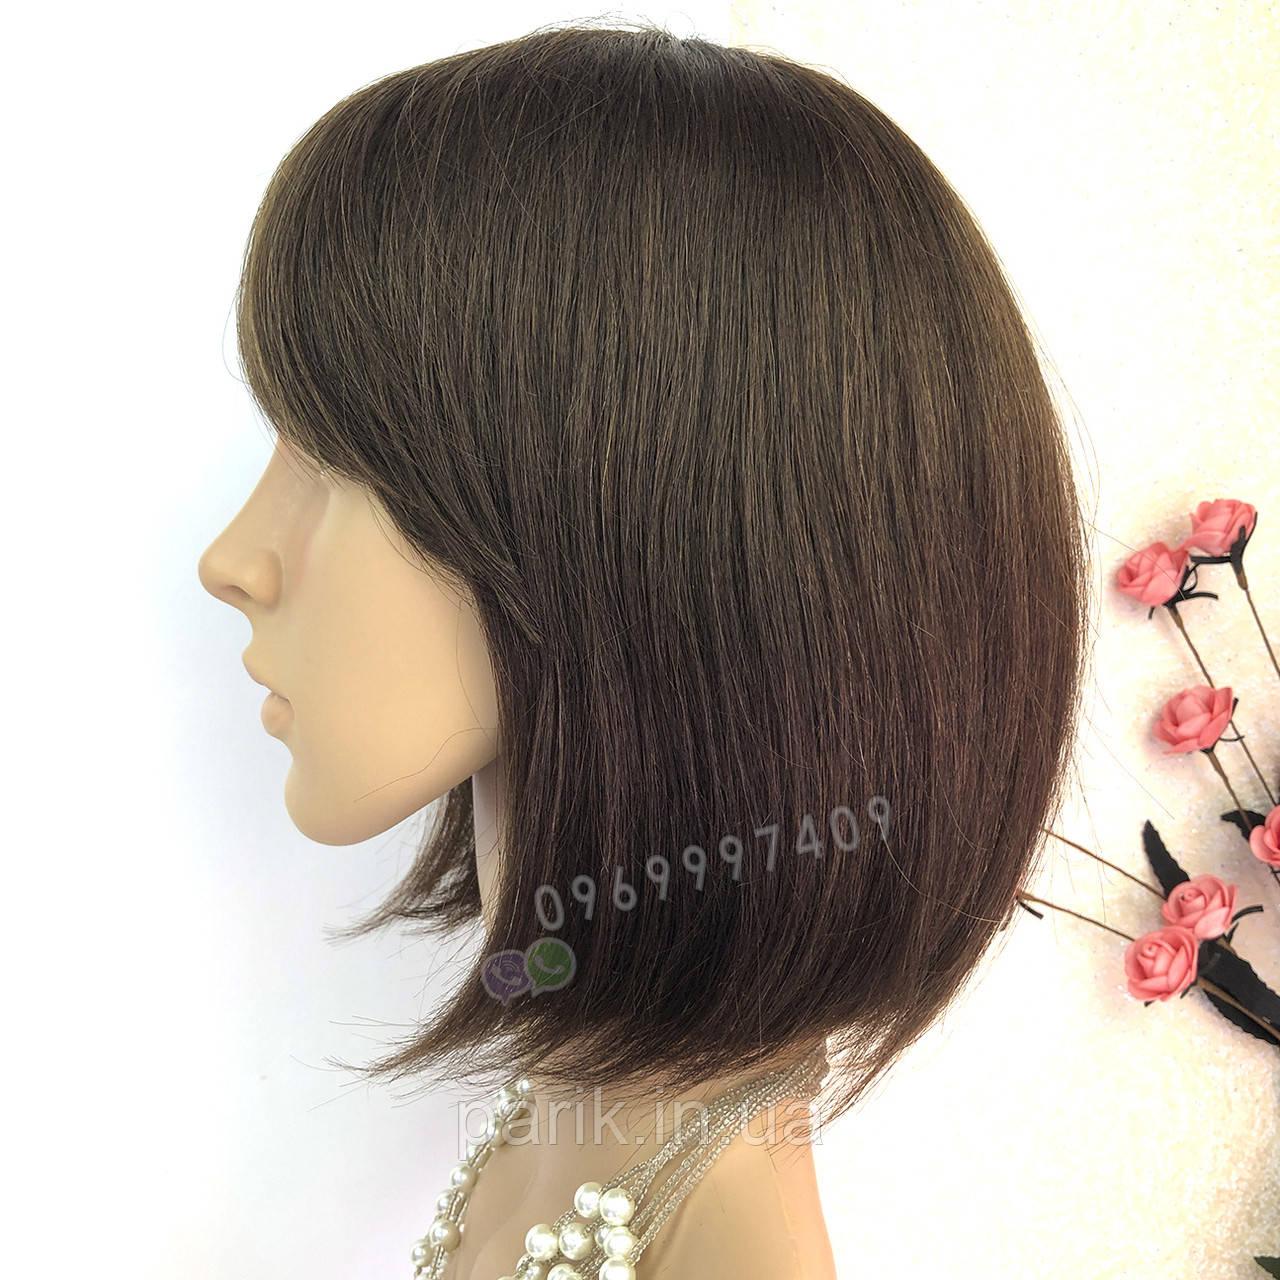 💎 Парик из натуральных волос каре с чёлкой коричневый женский 💎